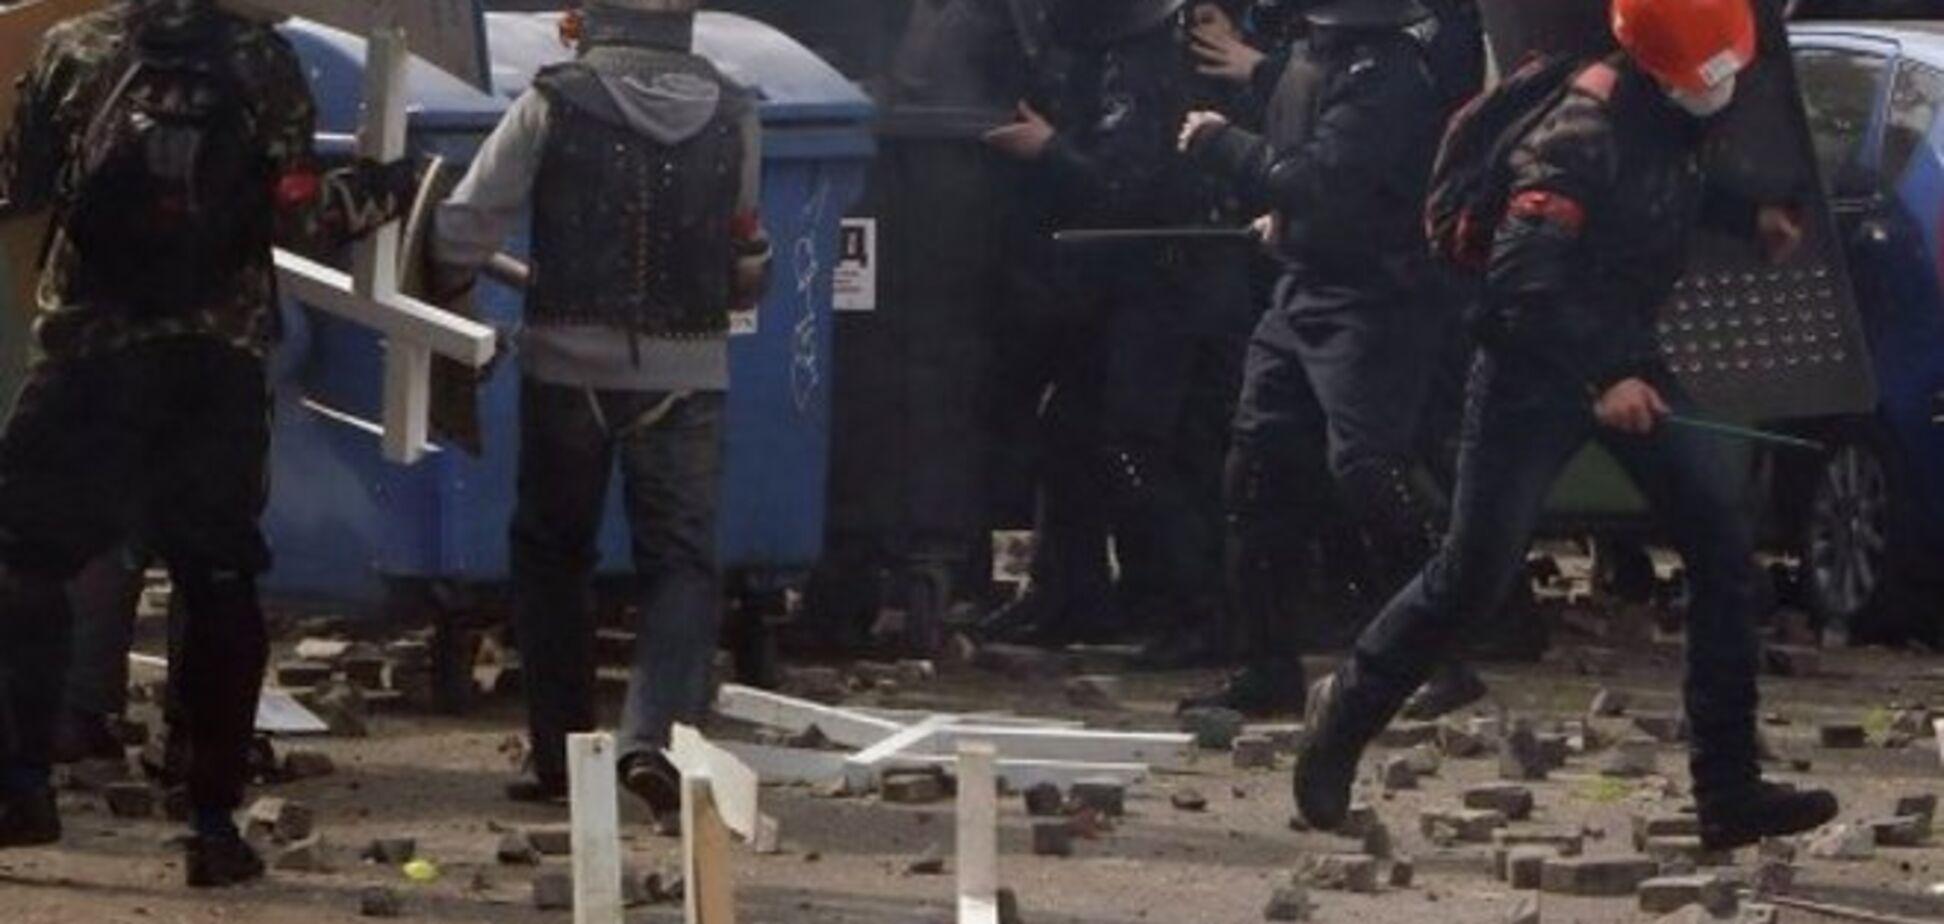 РФ устроила беспорядки в Одессе, чтобы сорвать АТО на Донбассе - источник